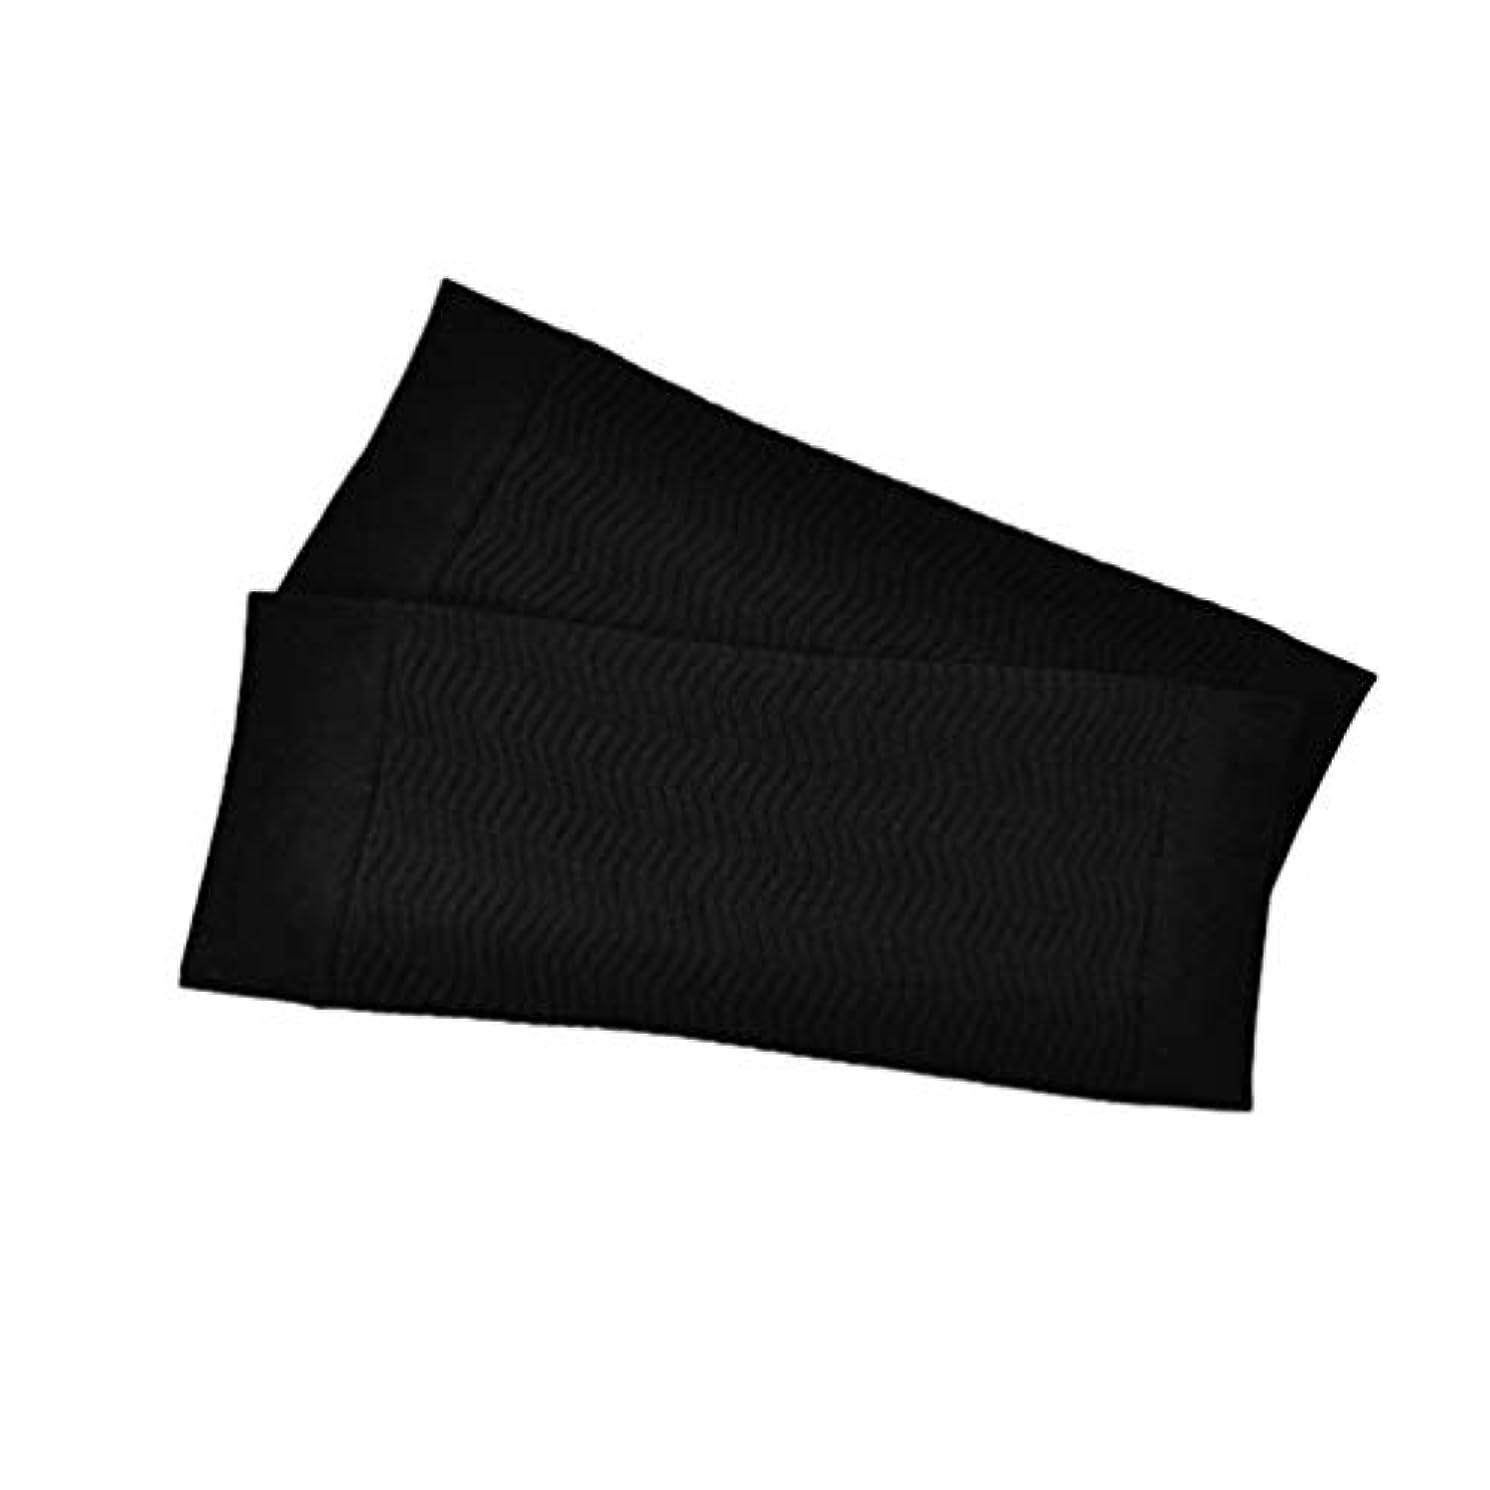 エクステント対角線動物園1ペア680 D圧縮アームシェイパーワークアウトトーニングバーンセルライトスリミングアームスリーブ脂肪燃焼半袖用女性 - ブラック